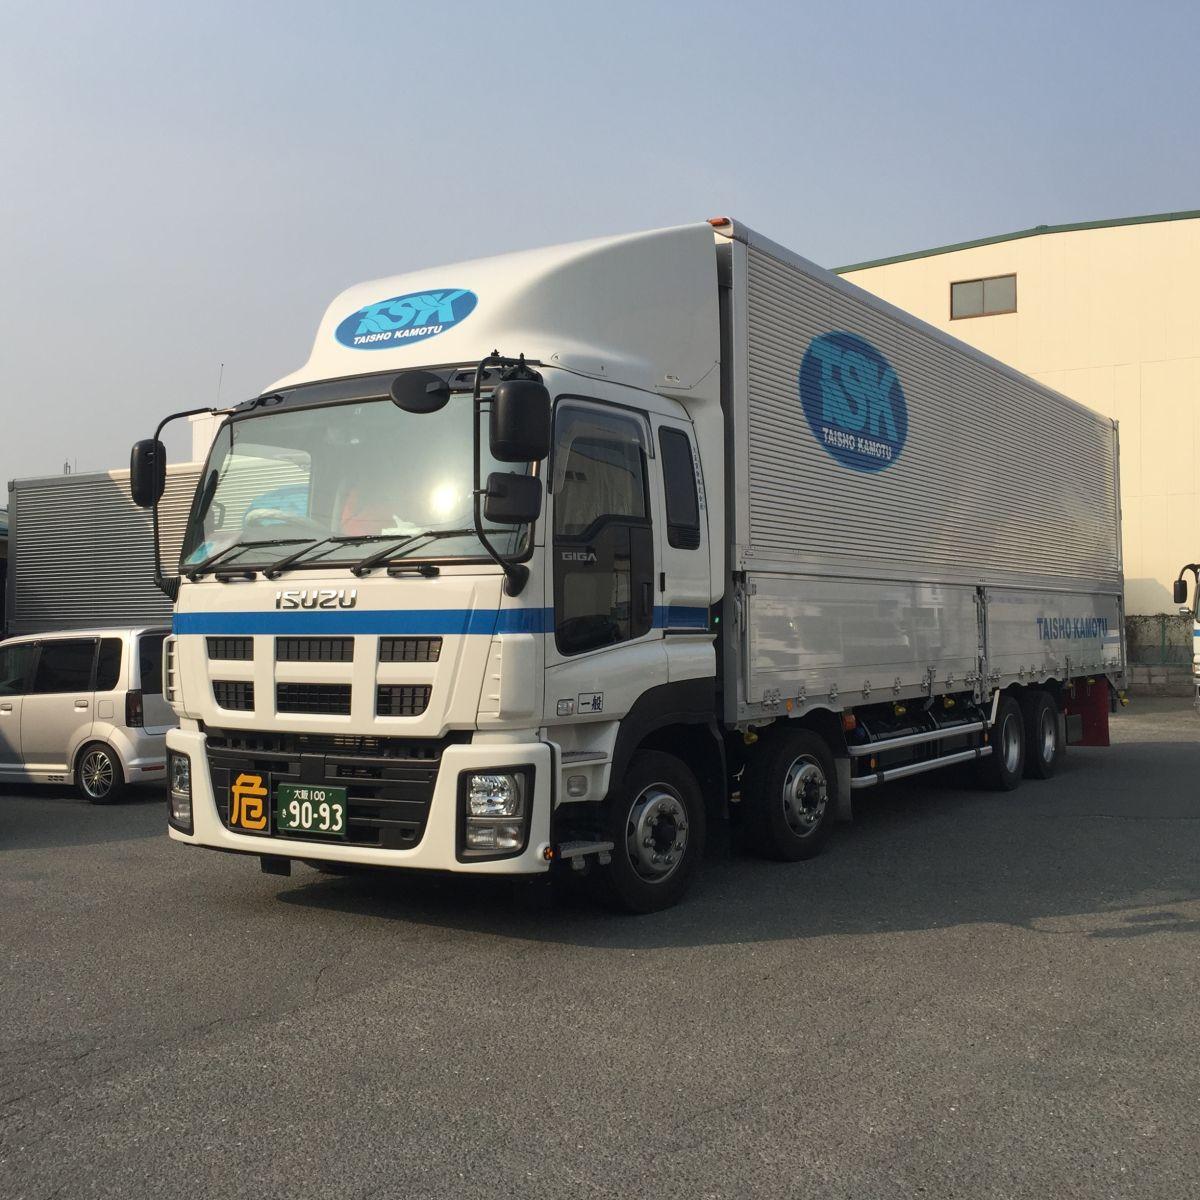 大正貨物株式会社は創業以来、長尺物・異形物の小口輸送に携わっており、今までの経験と実績にり安全・確実にお届けします。